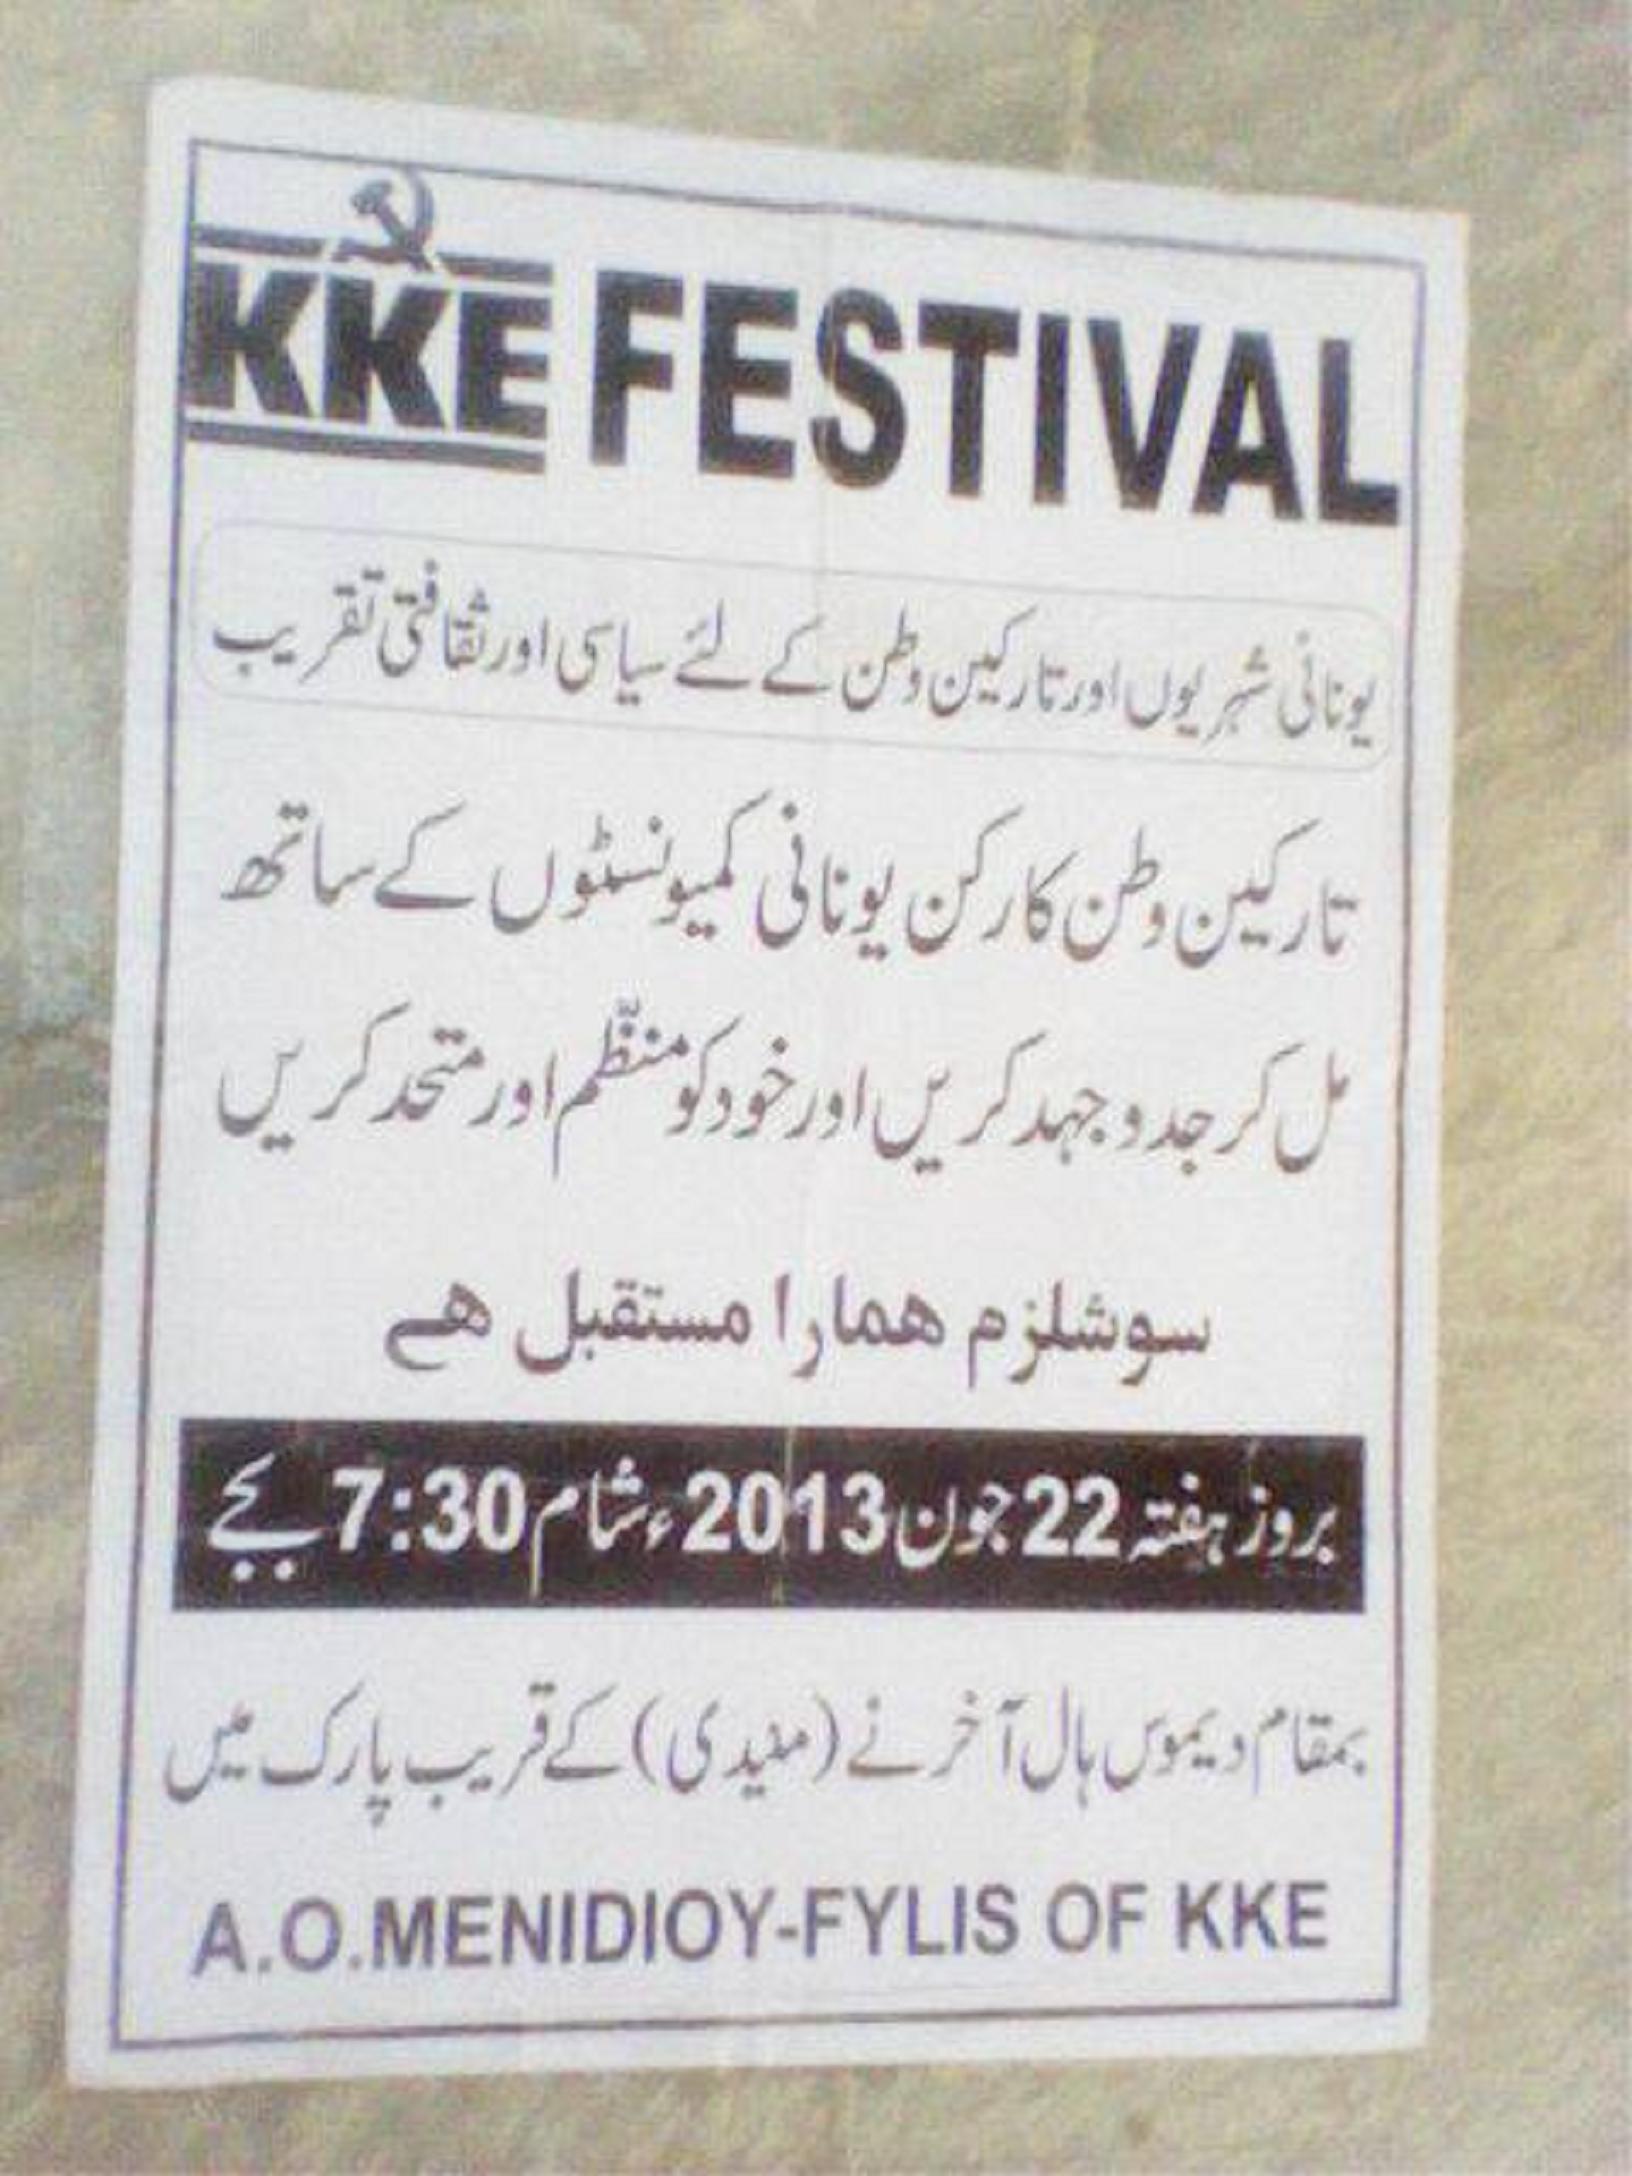 ΚΚΕ Festival.